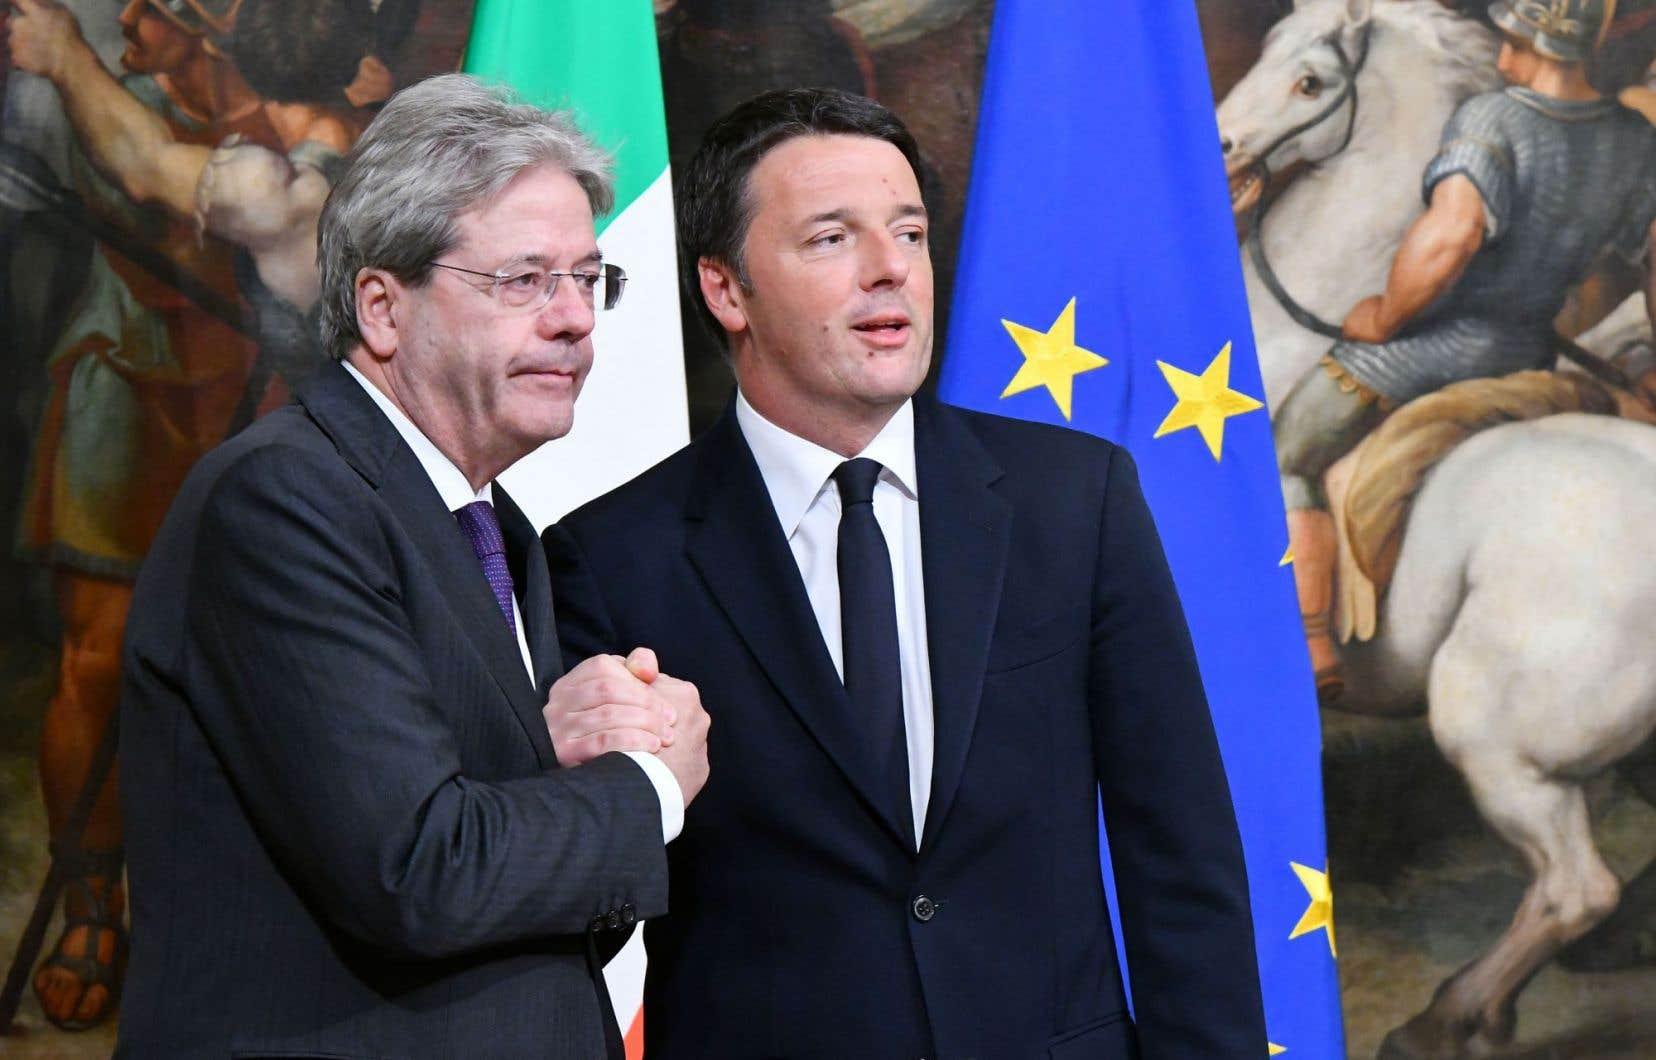 Matteo Renzi (à droite) et son successeur, Paolo Gentiloni, lors de la cérémonie d'assermentation de ce dernier, le 12 décembre